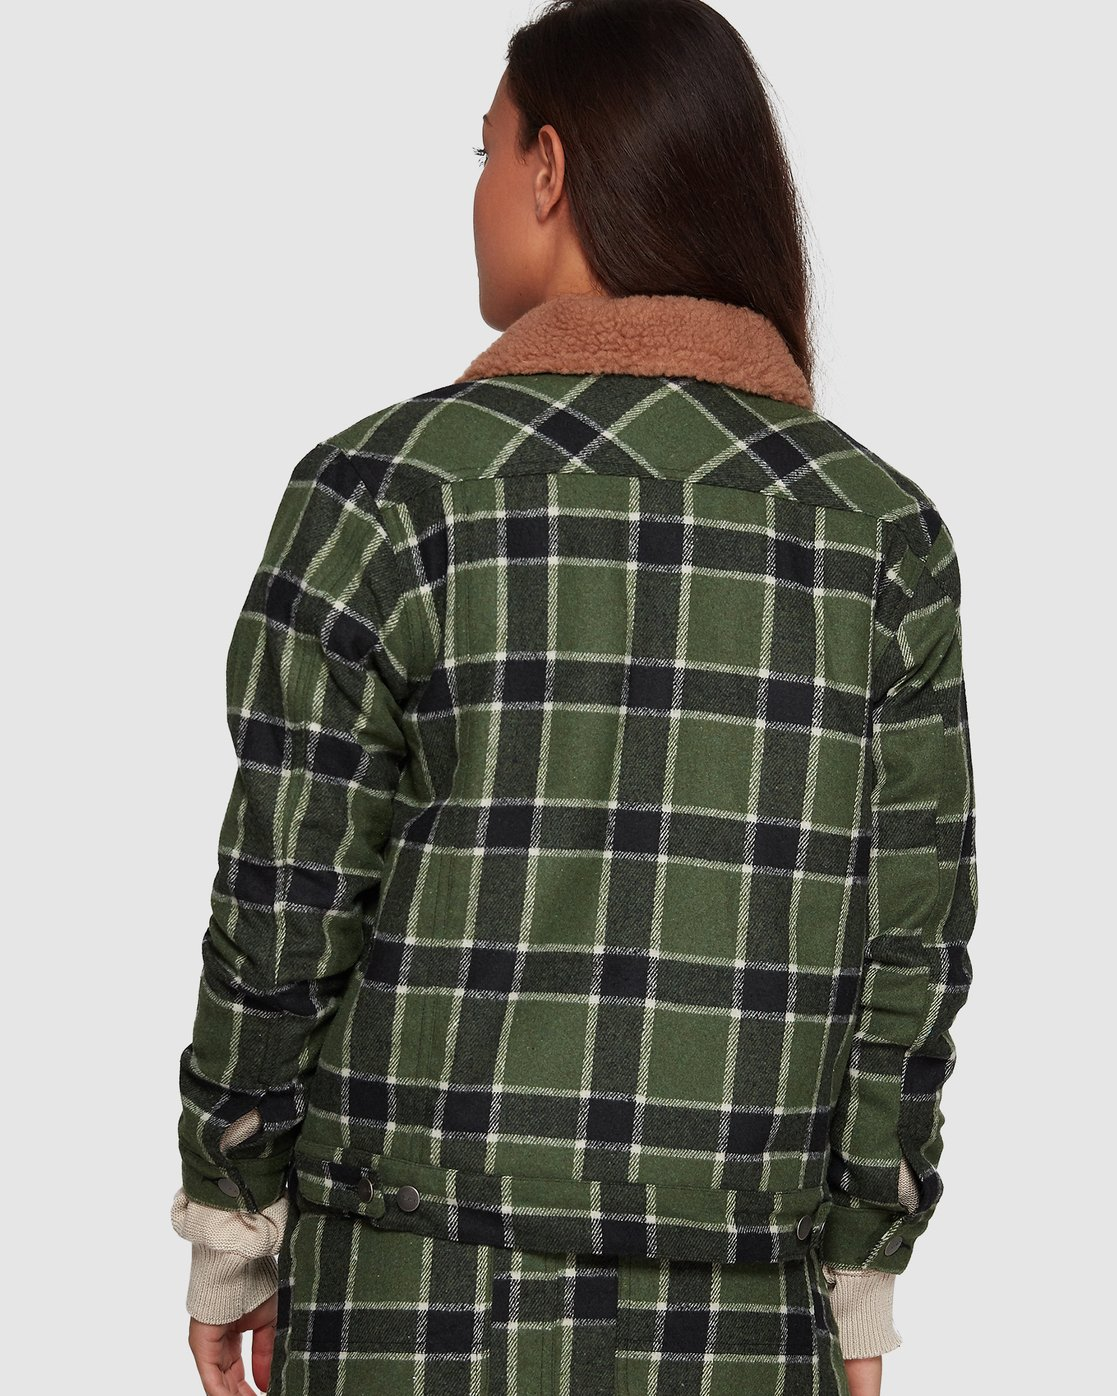 1 Plaid Merc Jacket - Green Green R207435 RVCA